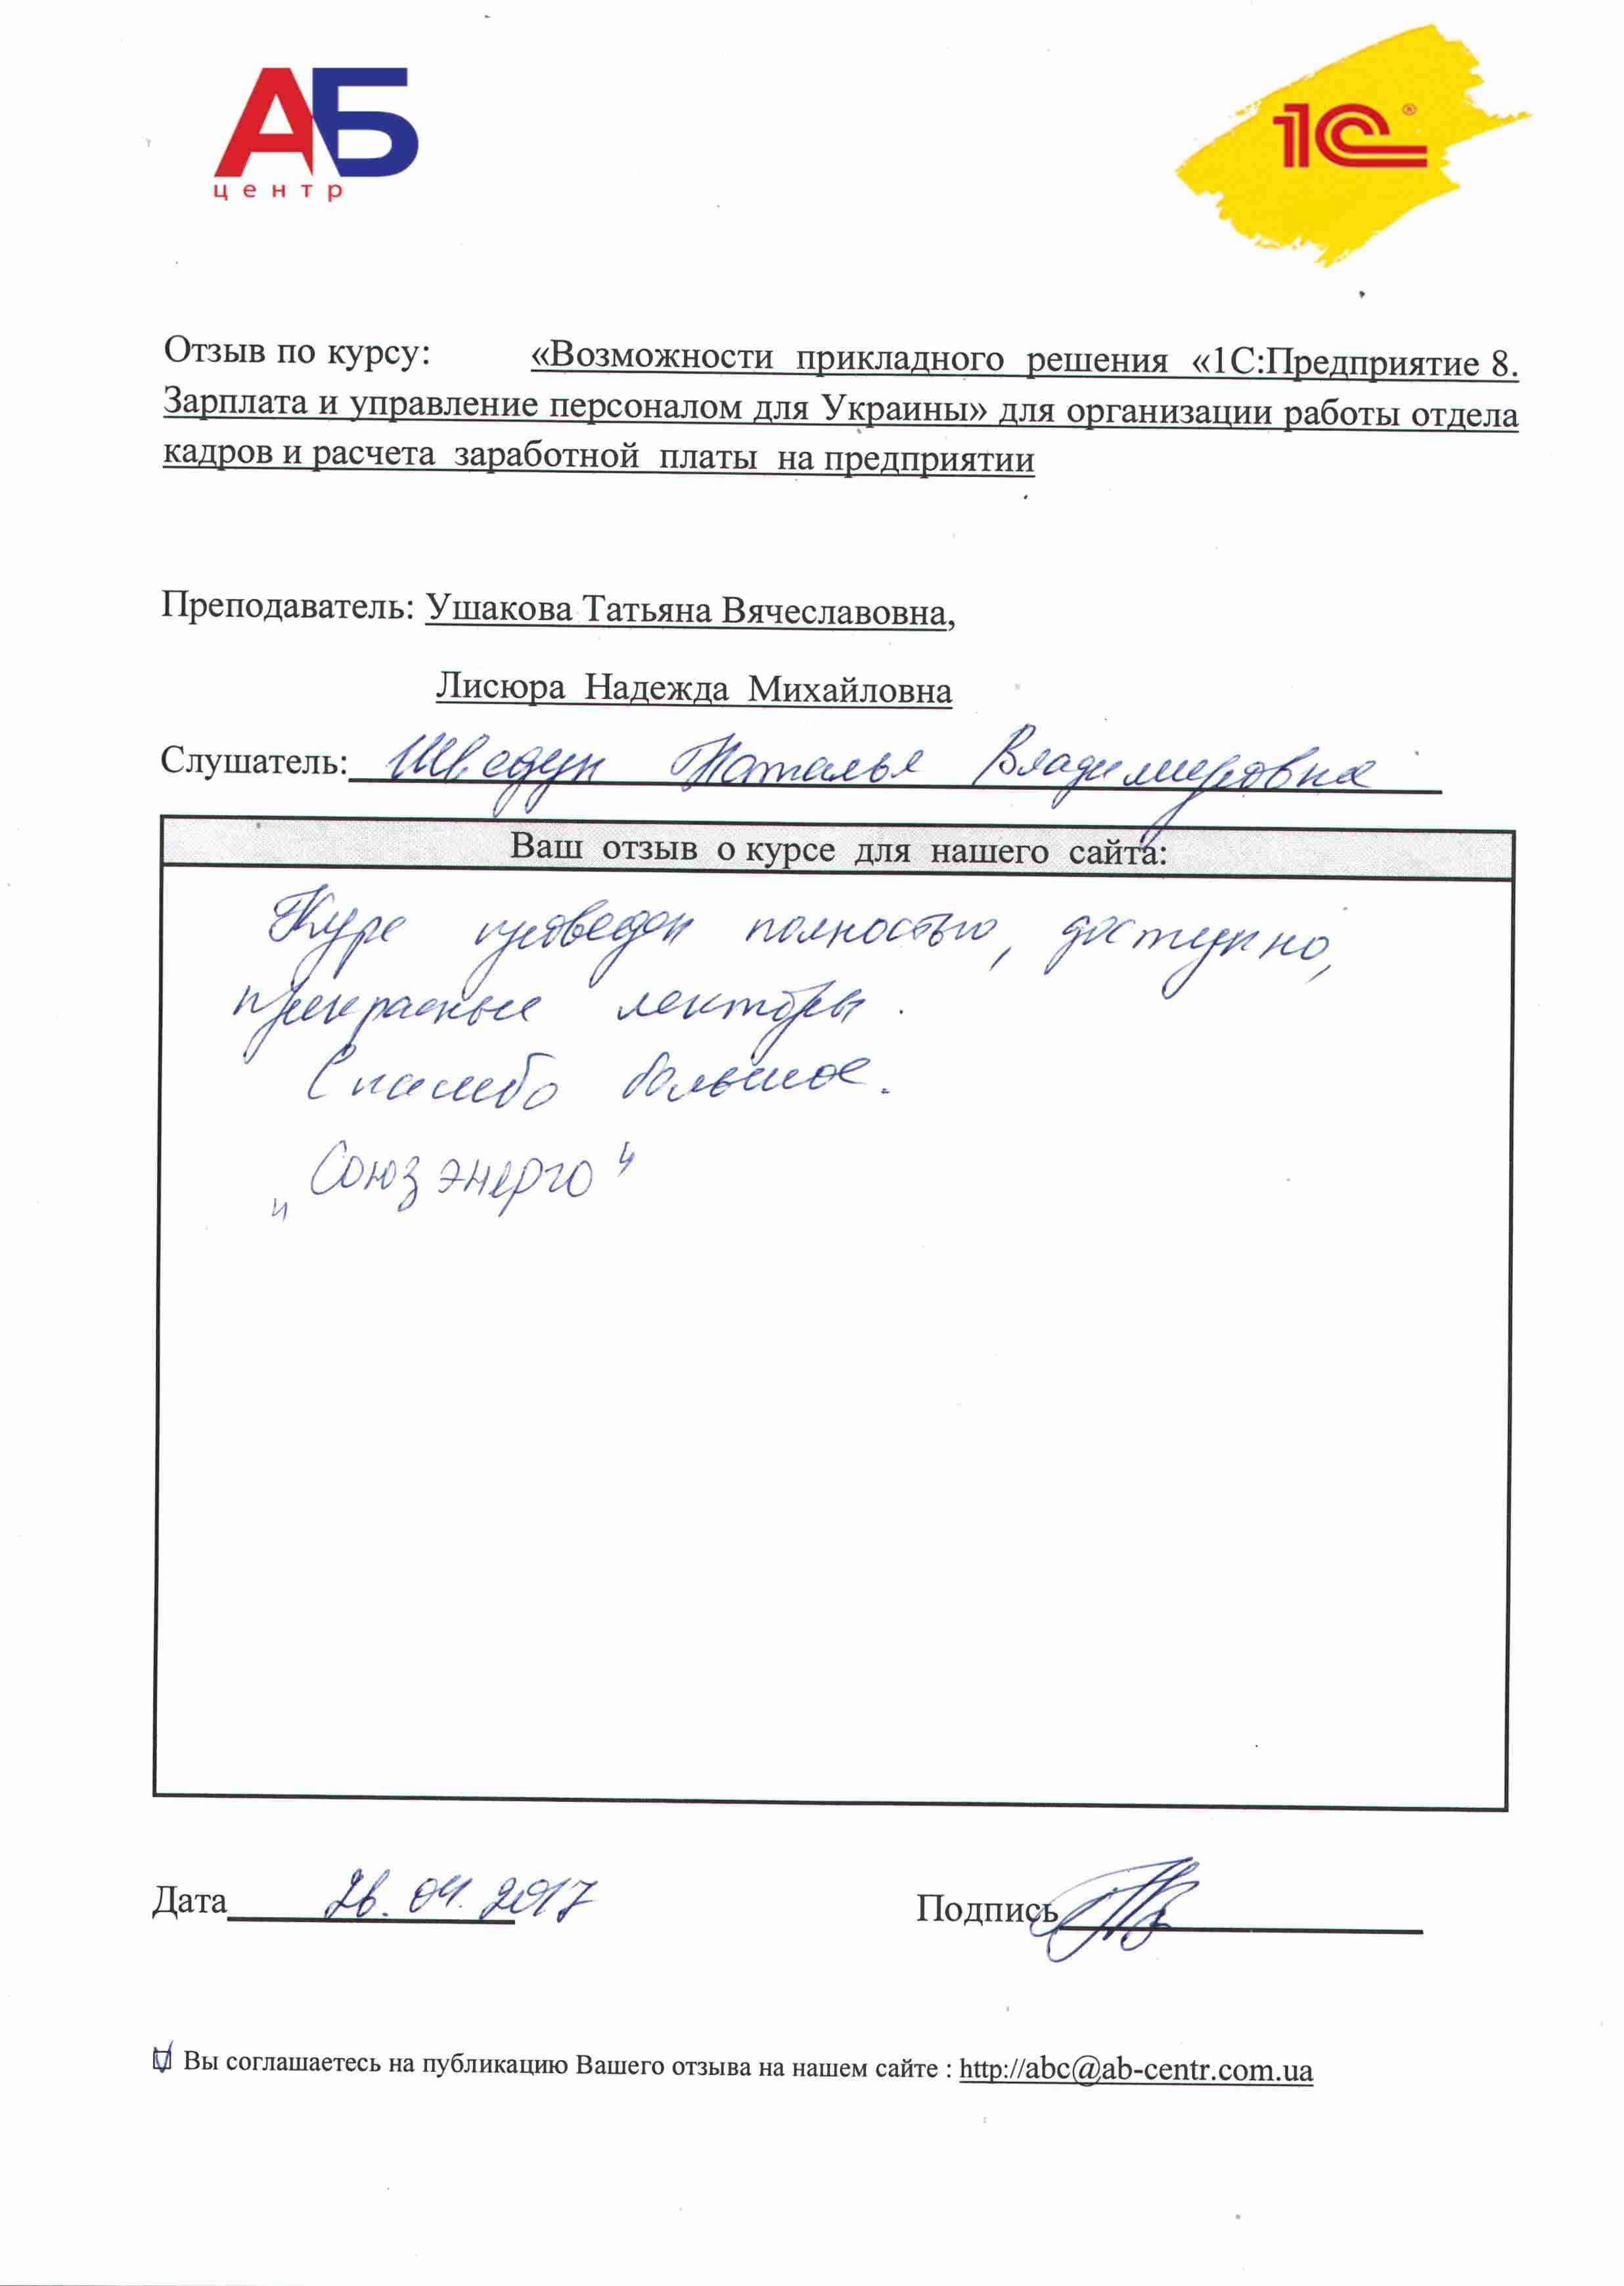 Отзыв_Союзэнерго